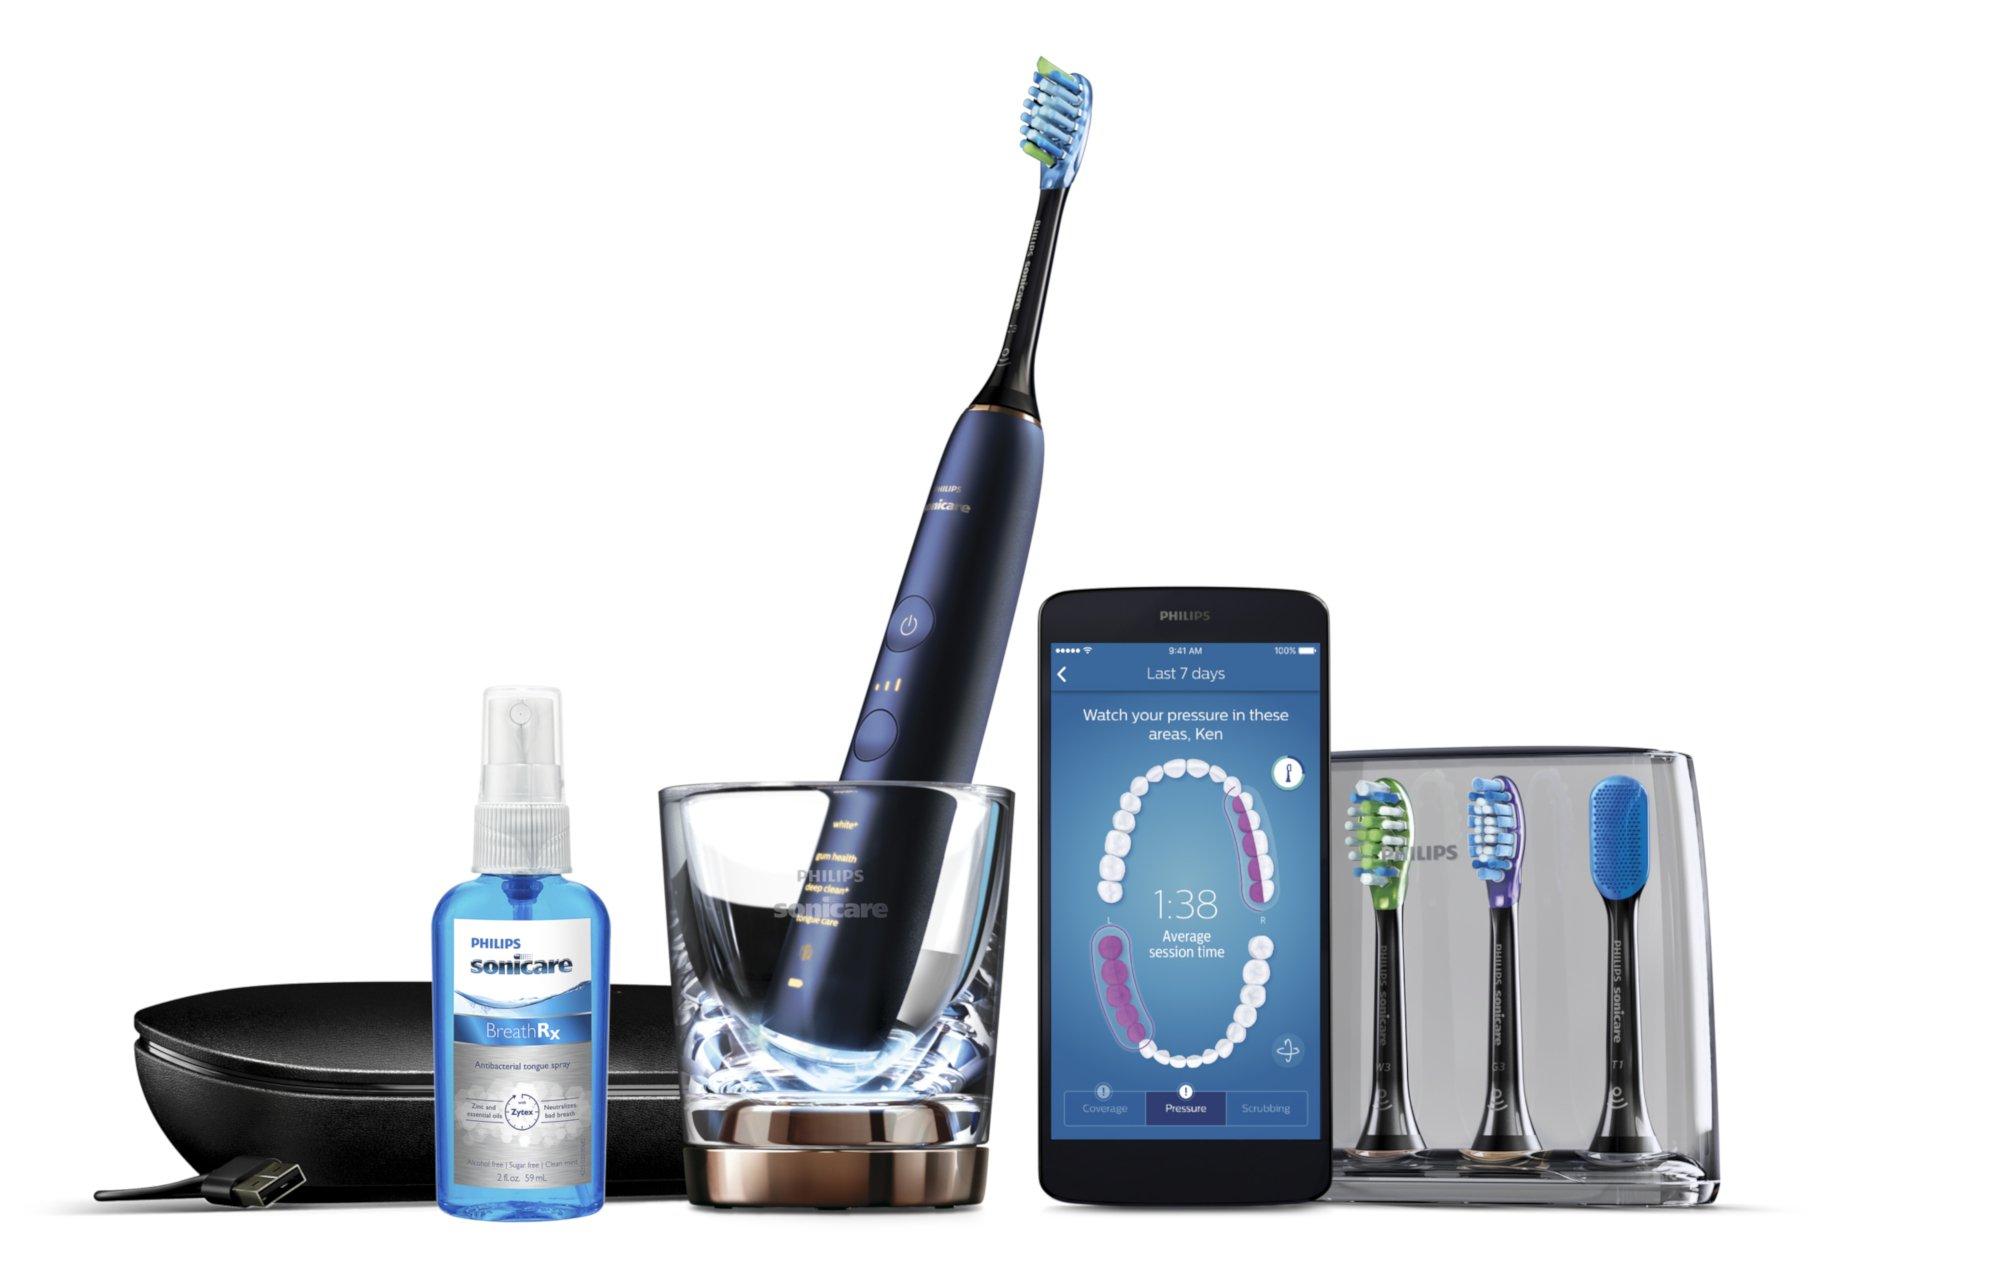 Die Philips Sonicare Diamond Clean Smart schickt ihre Daten an das Smartphone – um das Putzverhalten zu verbessern (Bild: Philips)